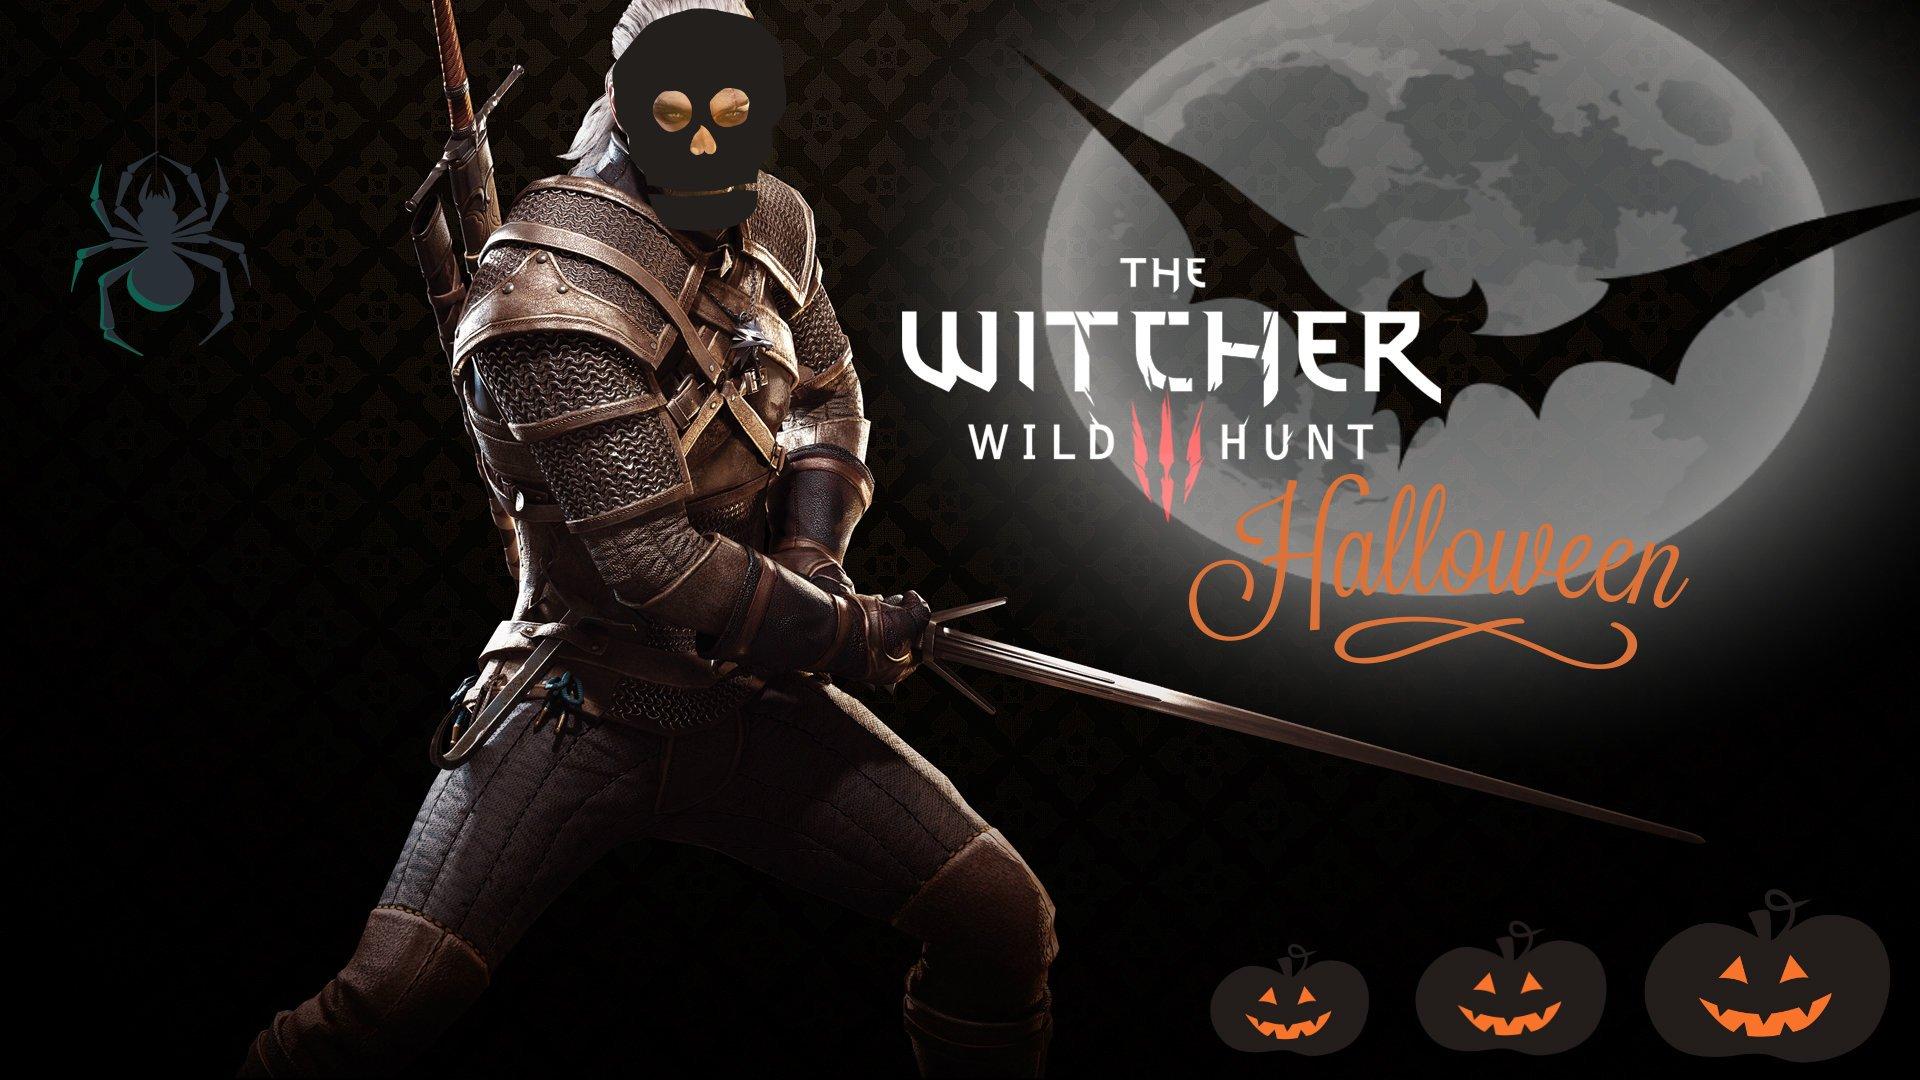 Хэллоуин вместе с Геральтом!    Обои по Ведьмаку к Хэллоуину.    #RВедьмак #Хэллоуин  - Изображение 1